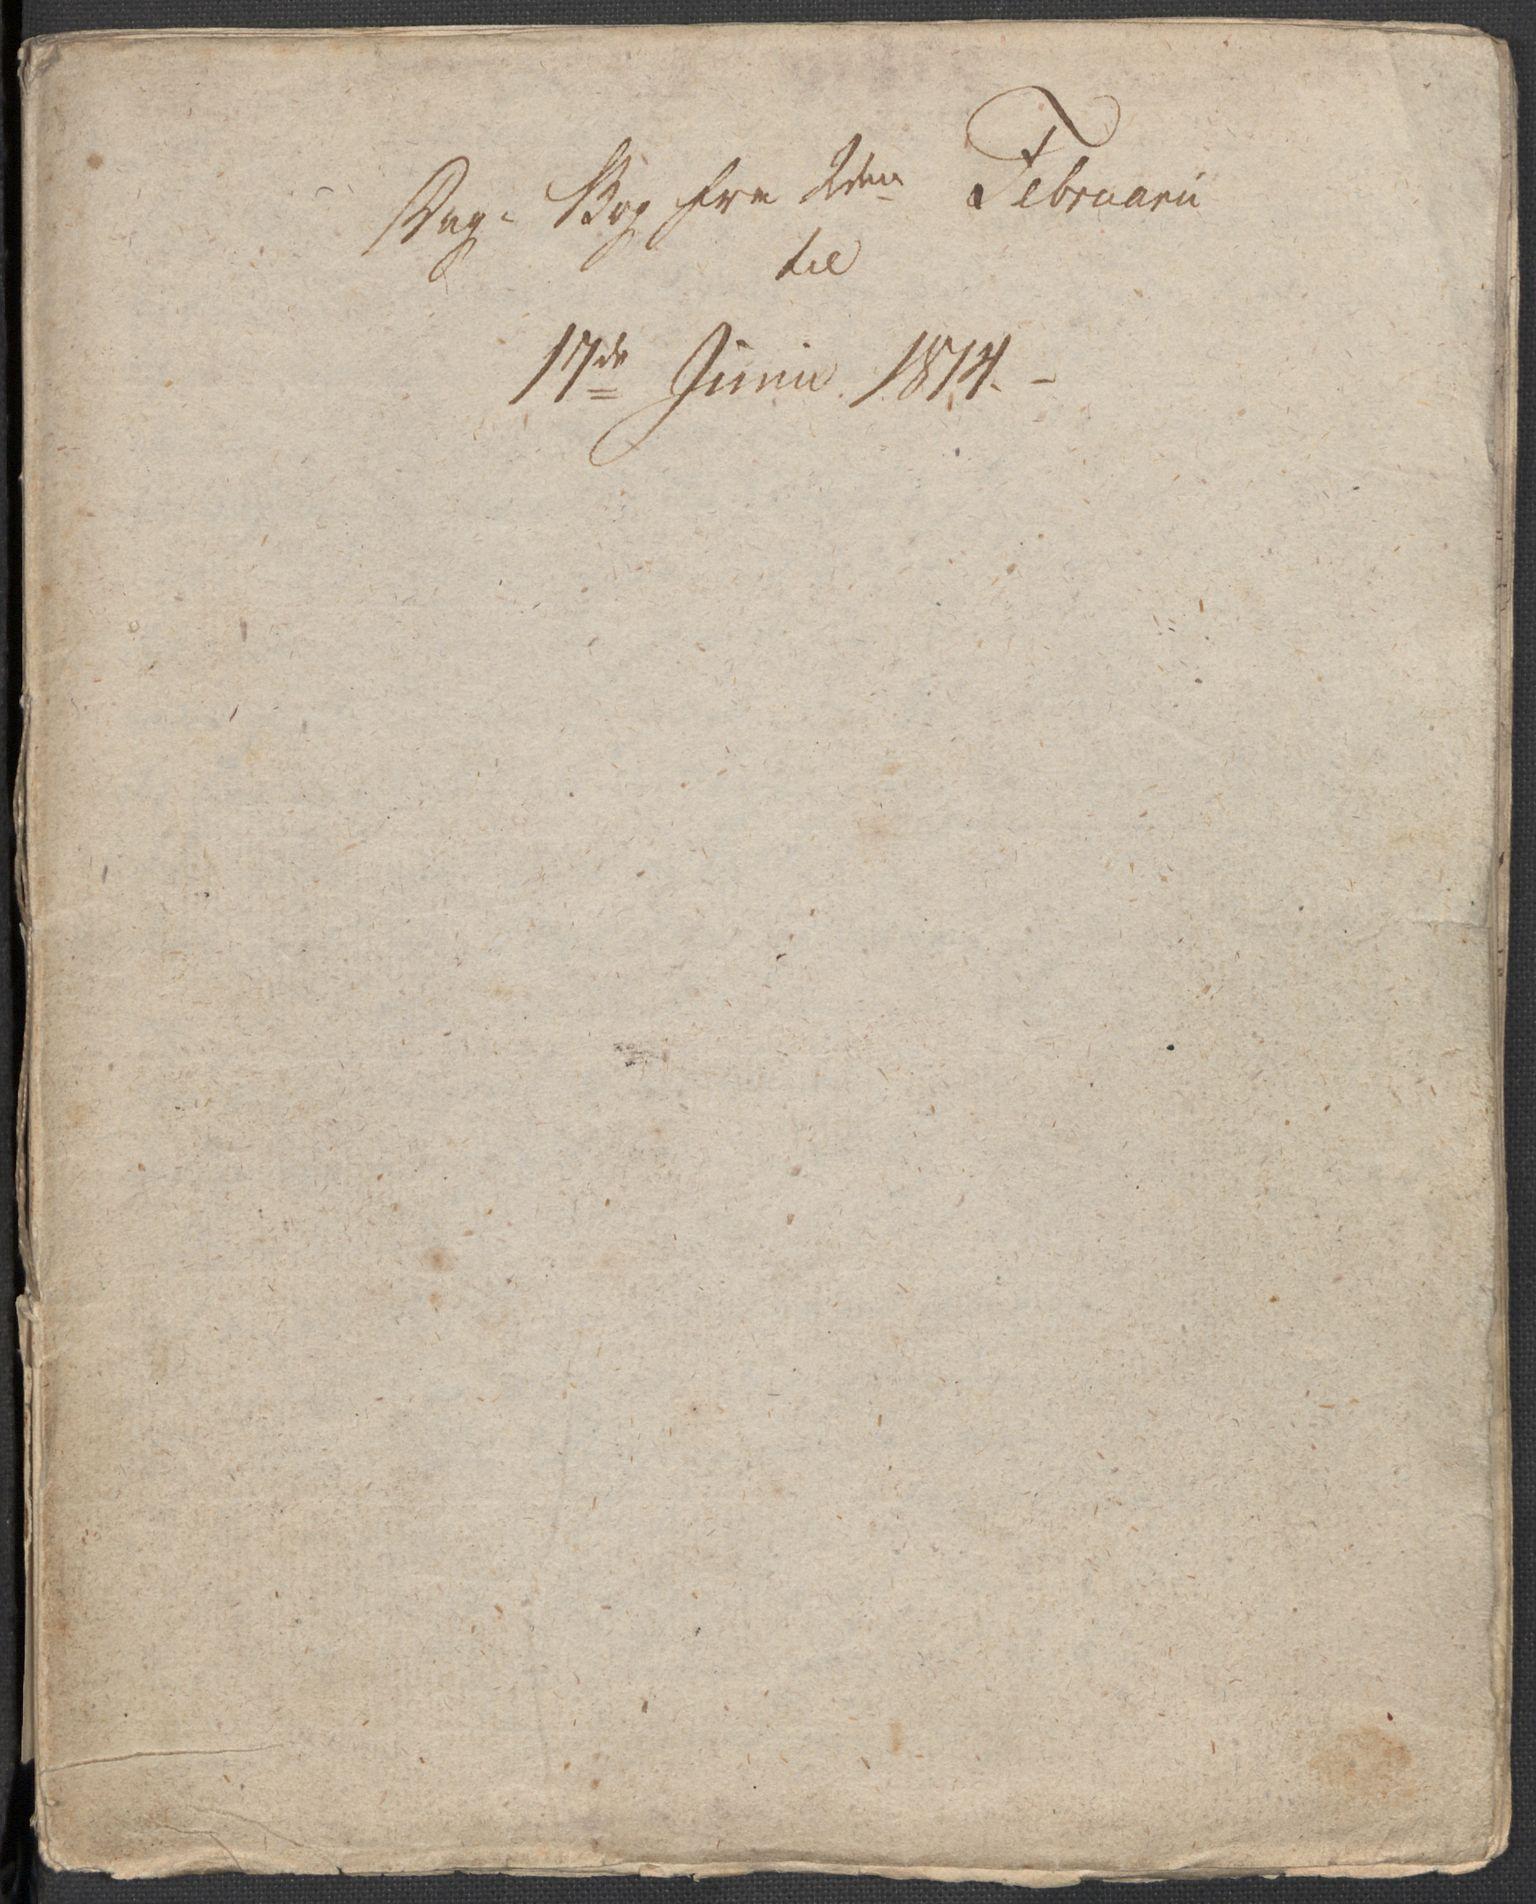 RA, Holck, Meidell, Hartvig, F/L0001: (Kassett) Dagbøker ført av Ole Elias v.Holck, 1798-1842, s. 352